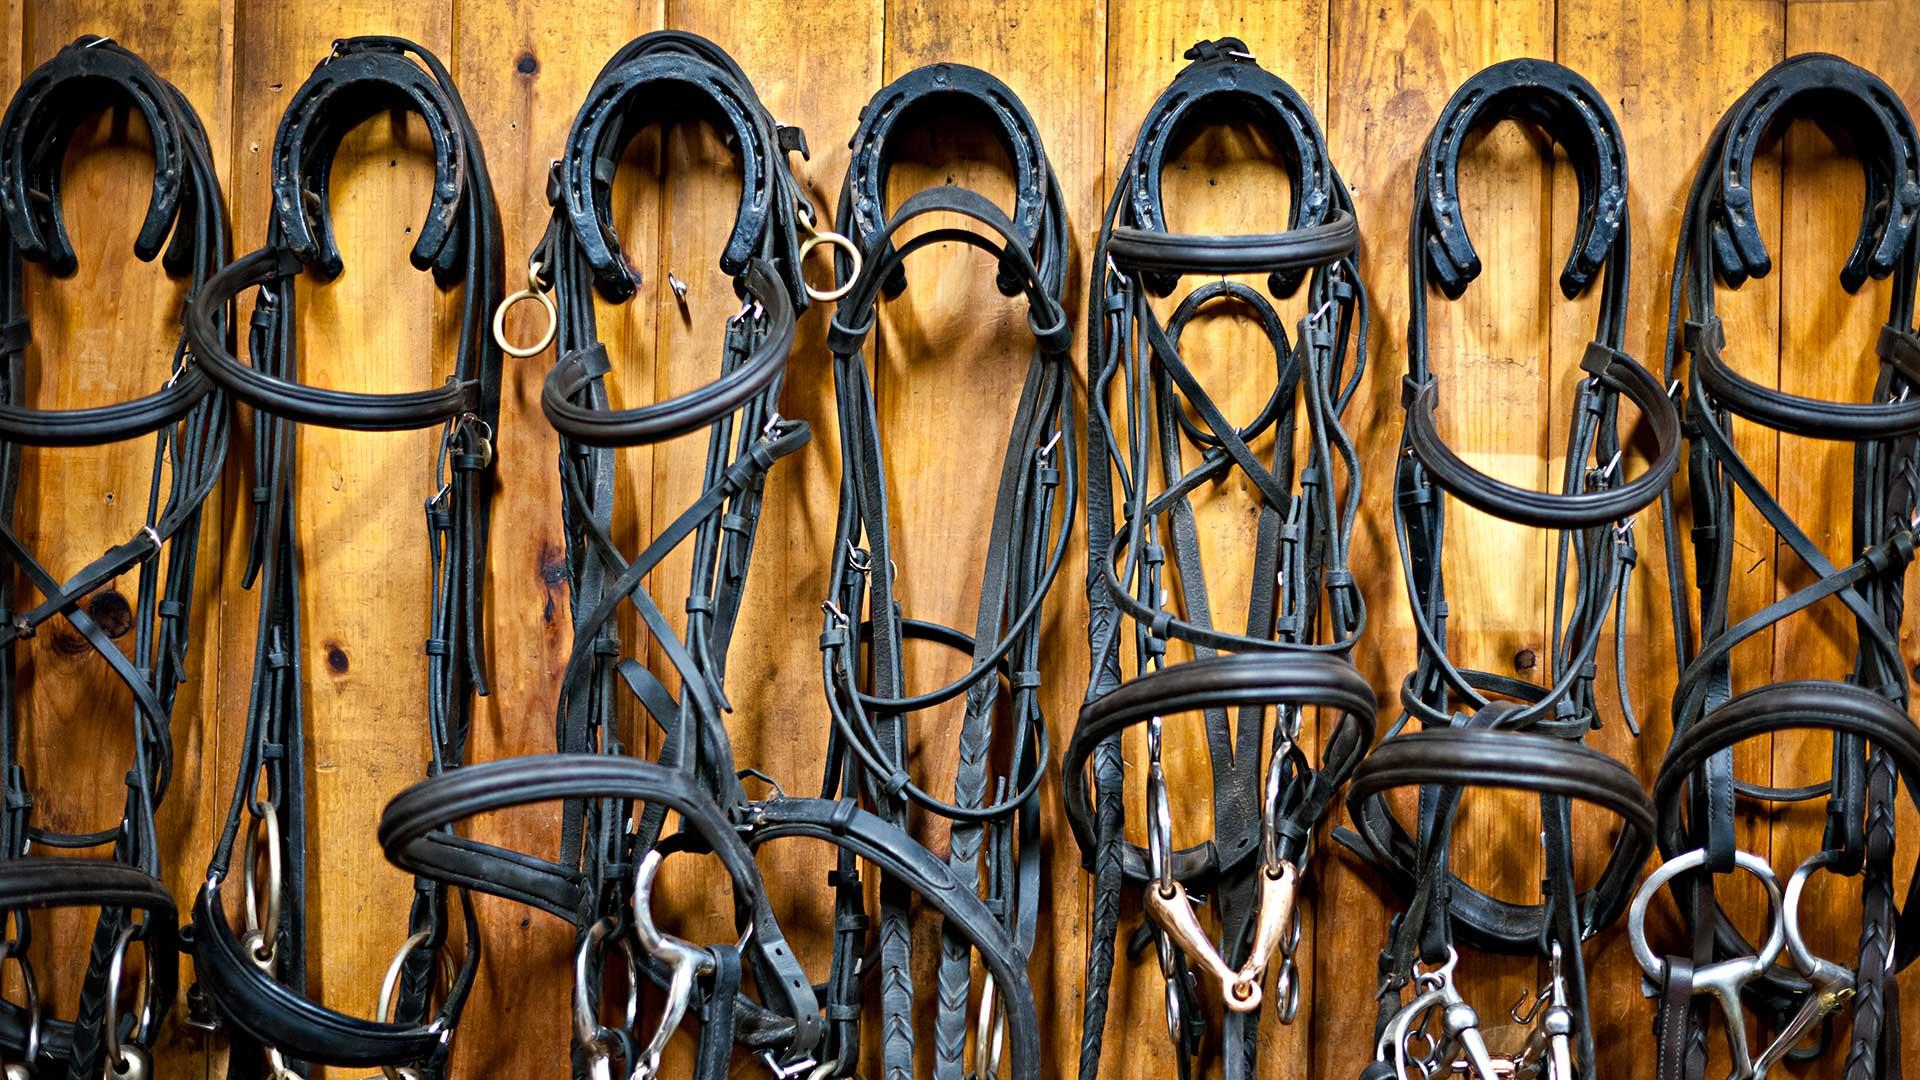 Guida alla pulizia e cura dei finimenti per cavalli – Parte 1